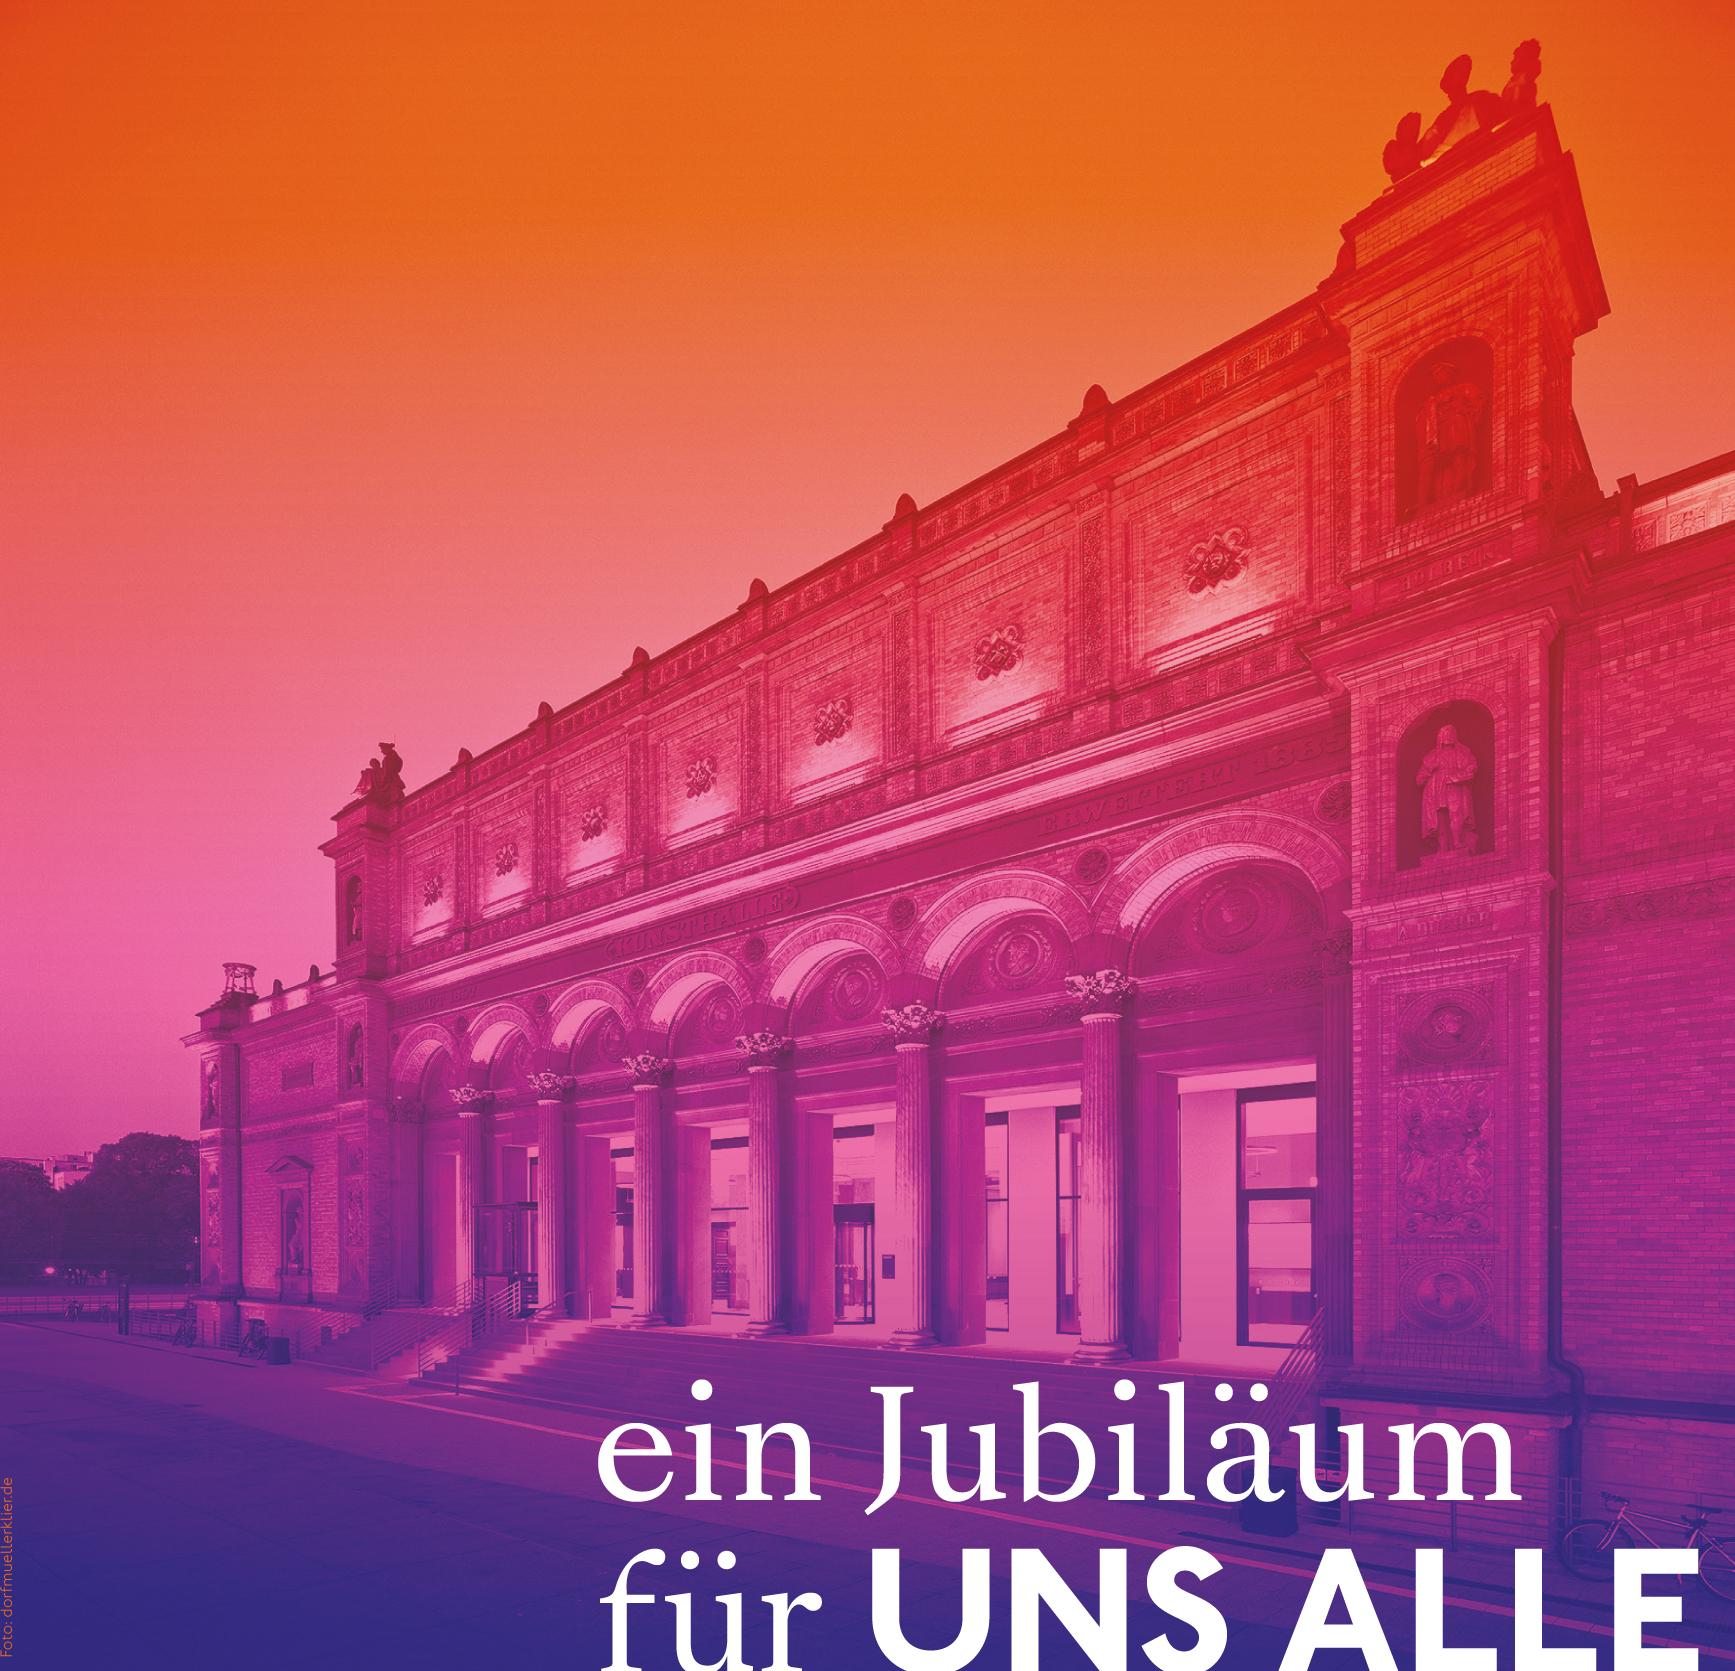 Foto: dorfmuellerklier.de